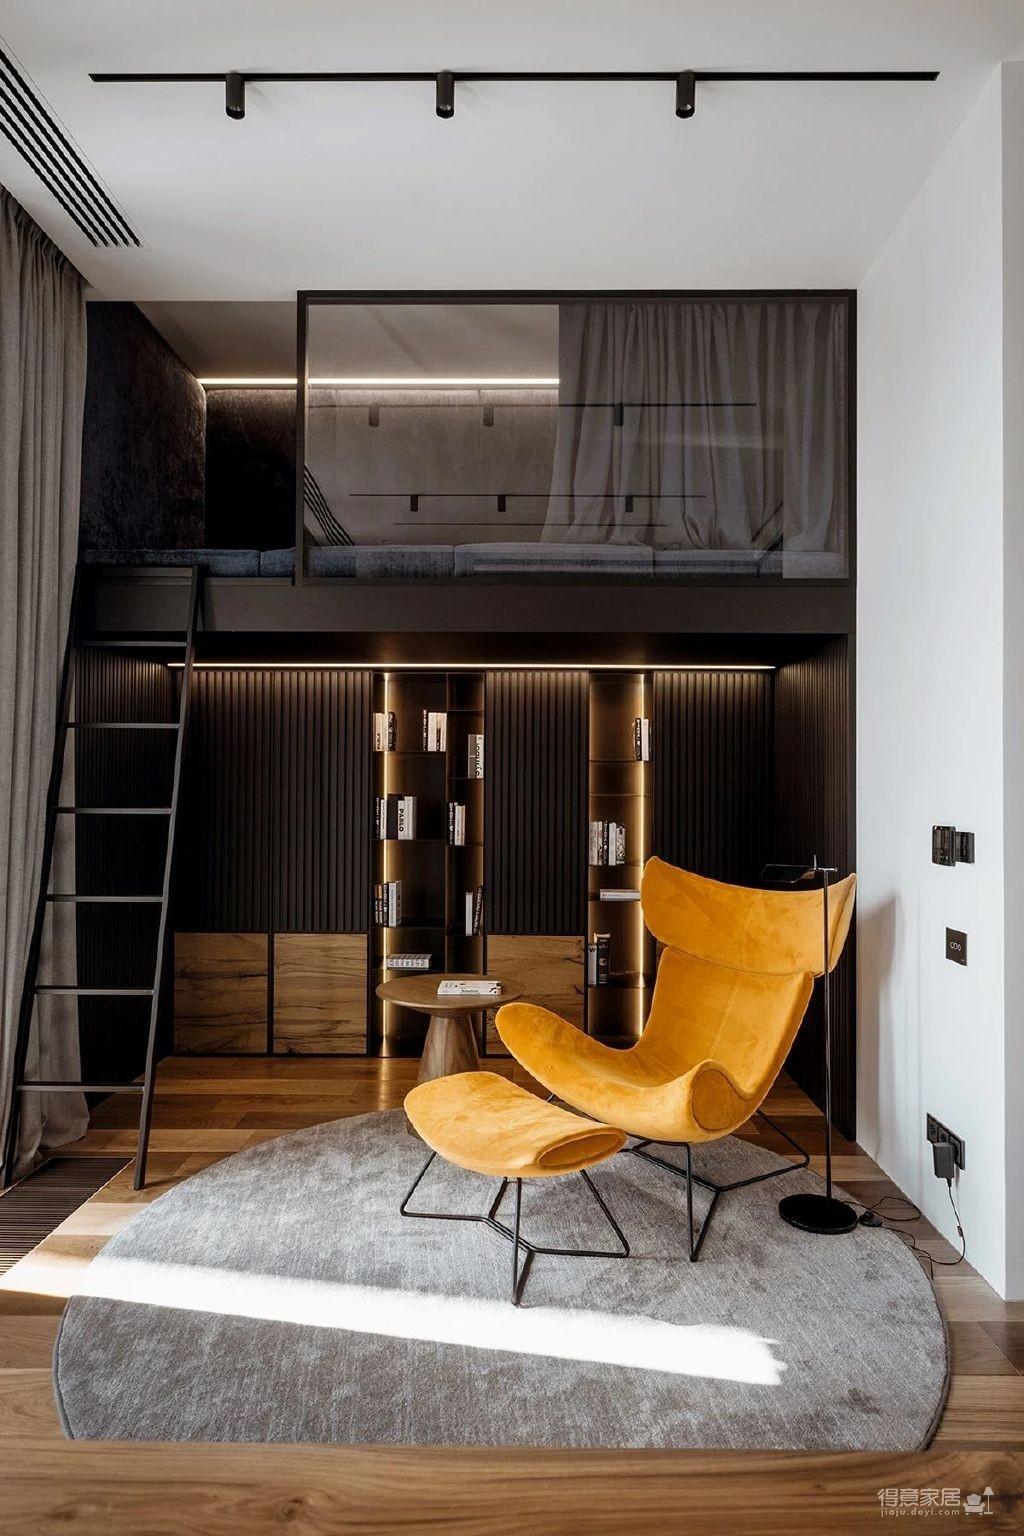 三间小公寓拼凑而成的136平大宅,时髦得不像话图_9